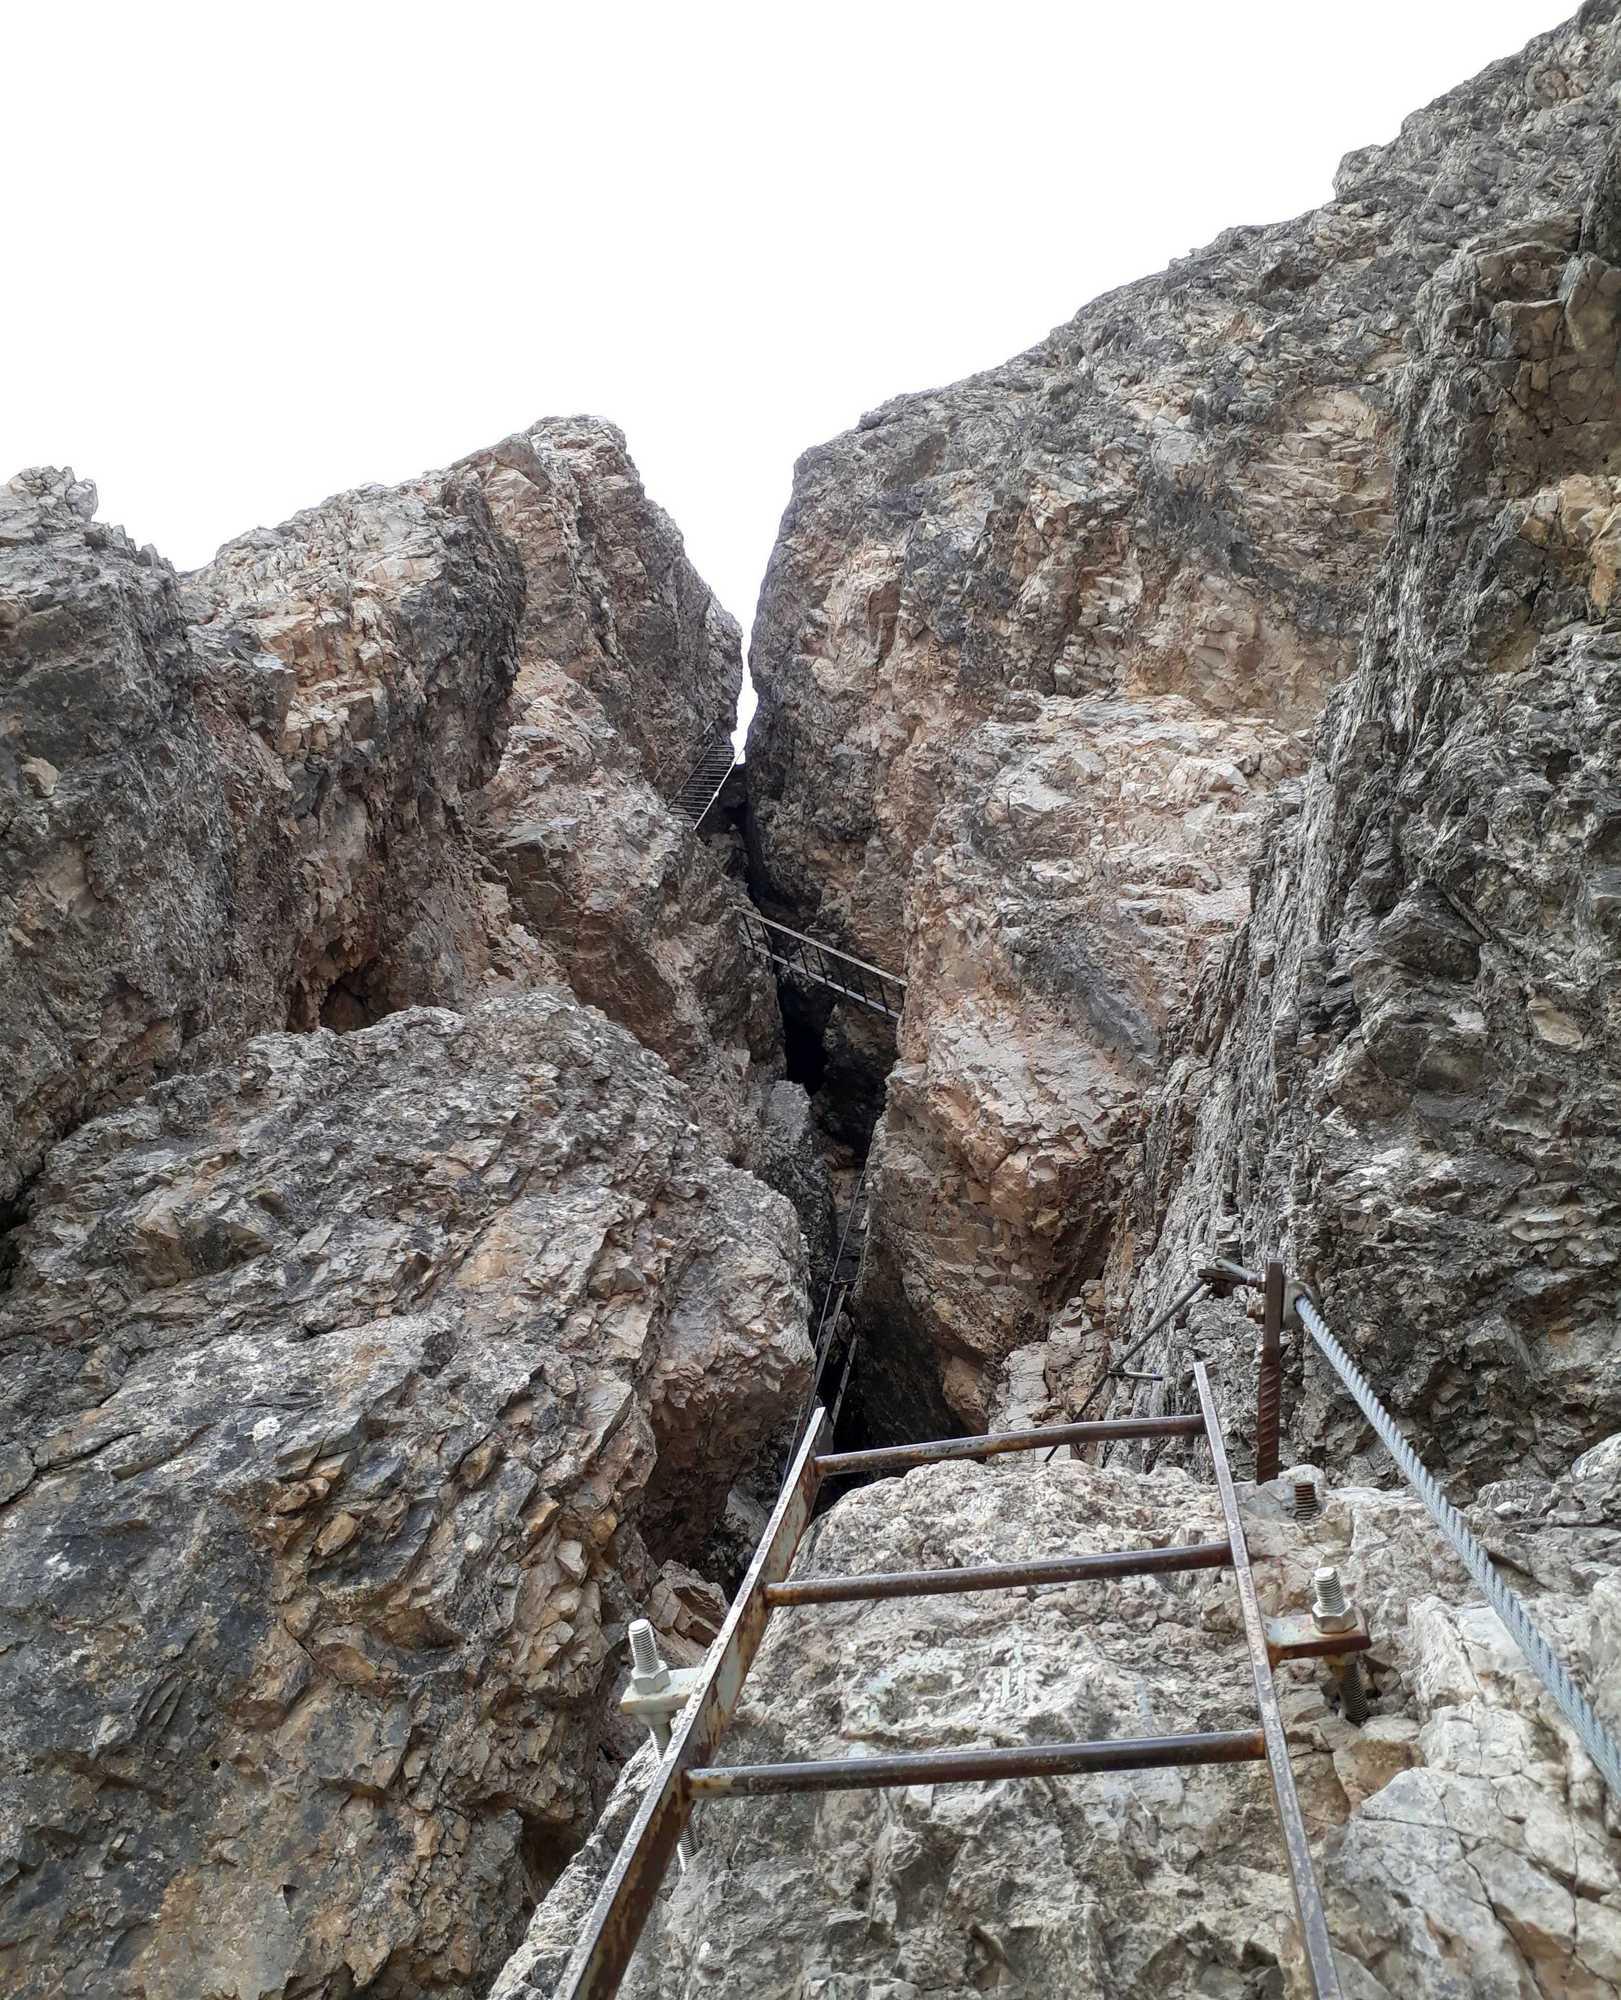 Sústava rebríkov v severnom komíne Torre di Toblin